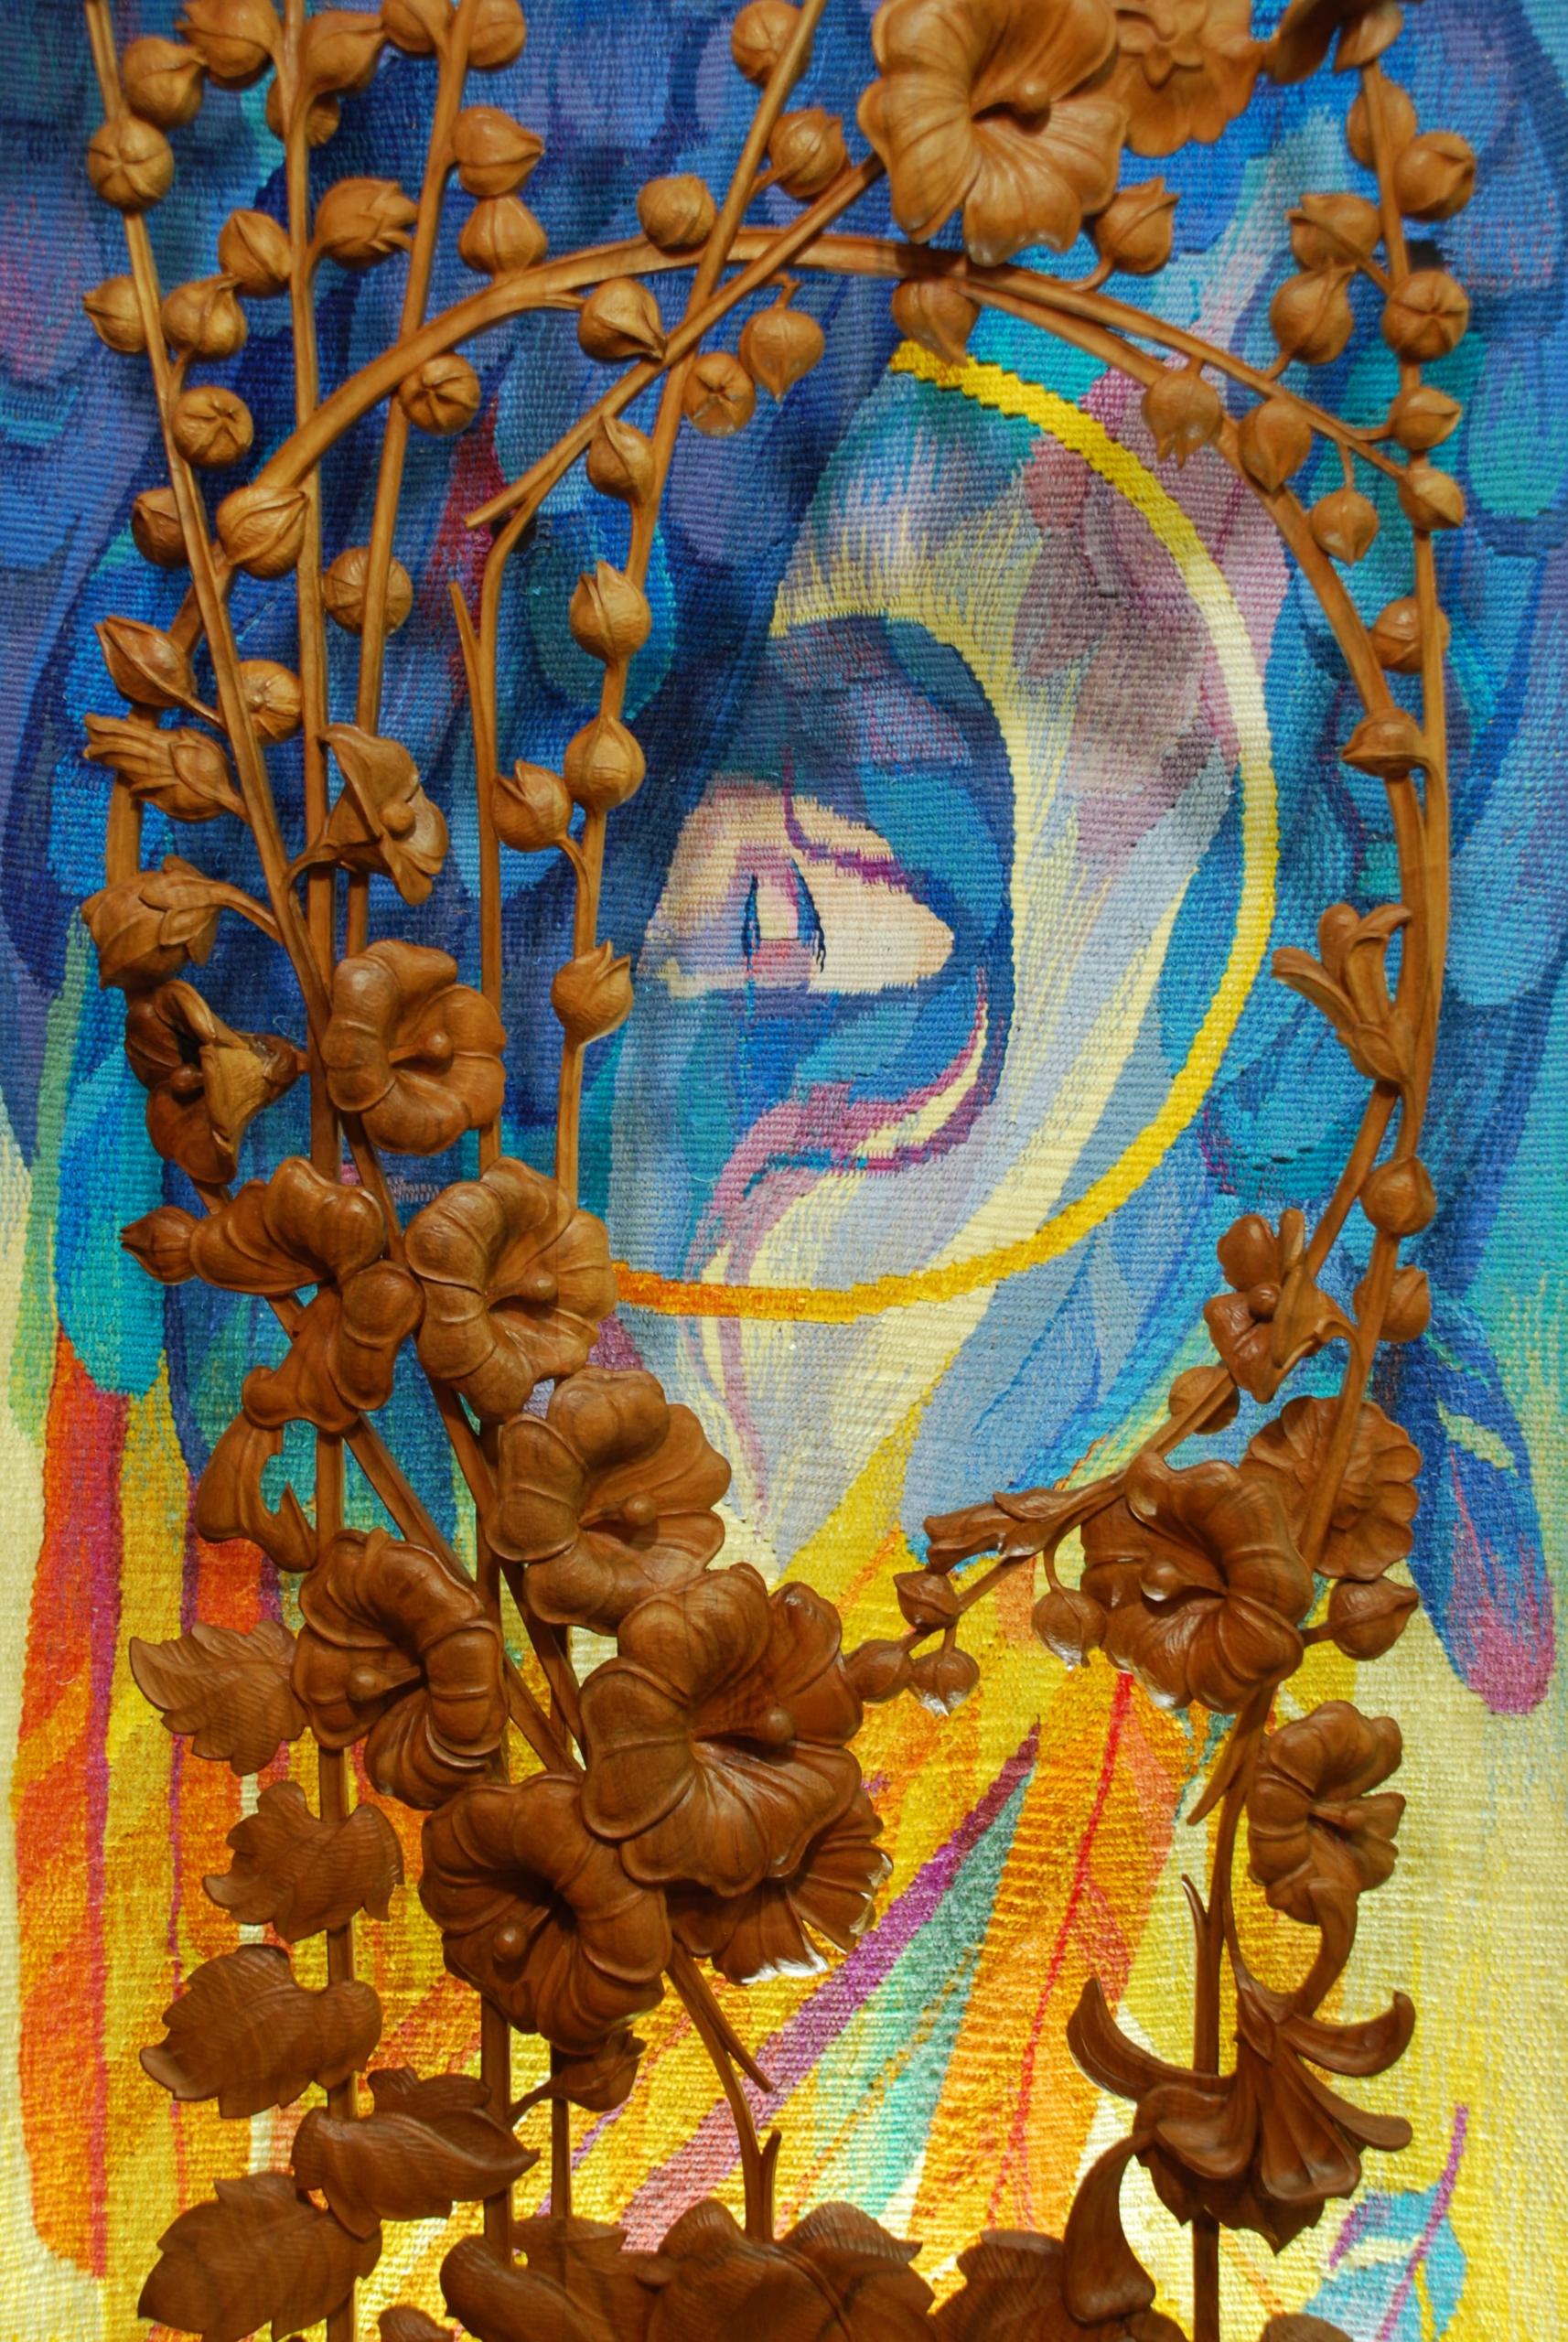 Шлюб дерева і нитки: подружжя із Косова створює філософські гобелени 6